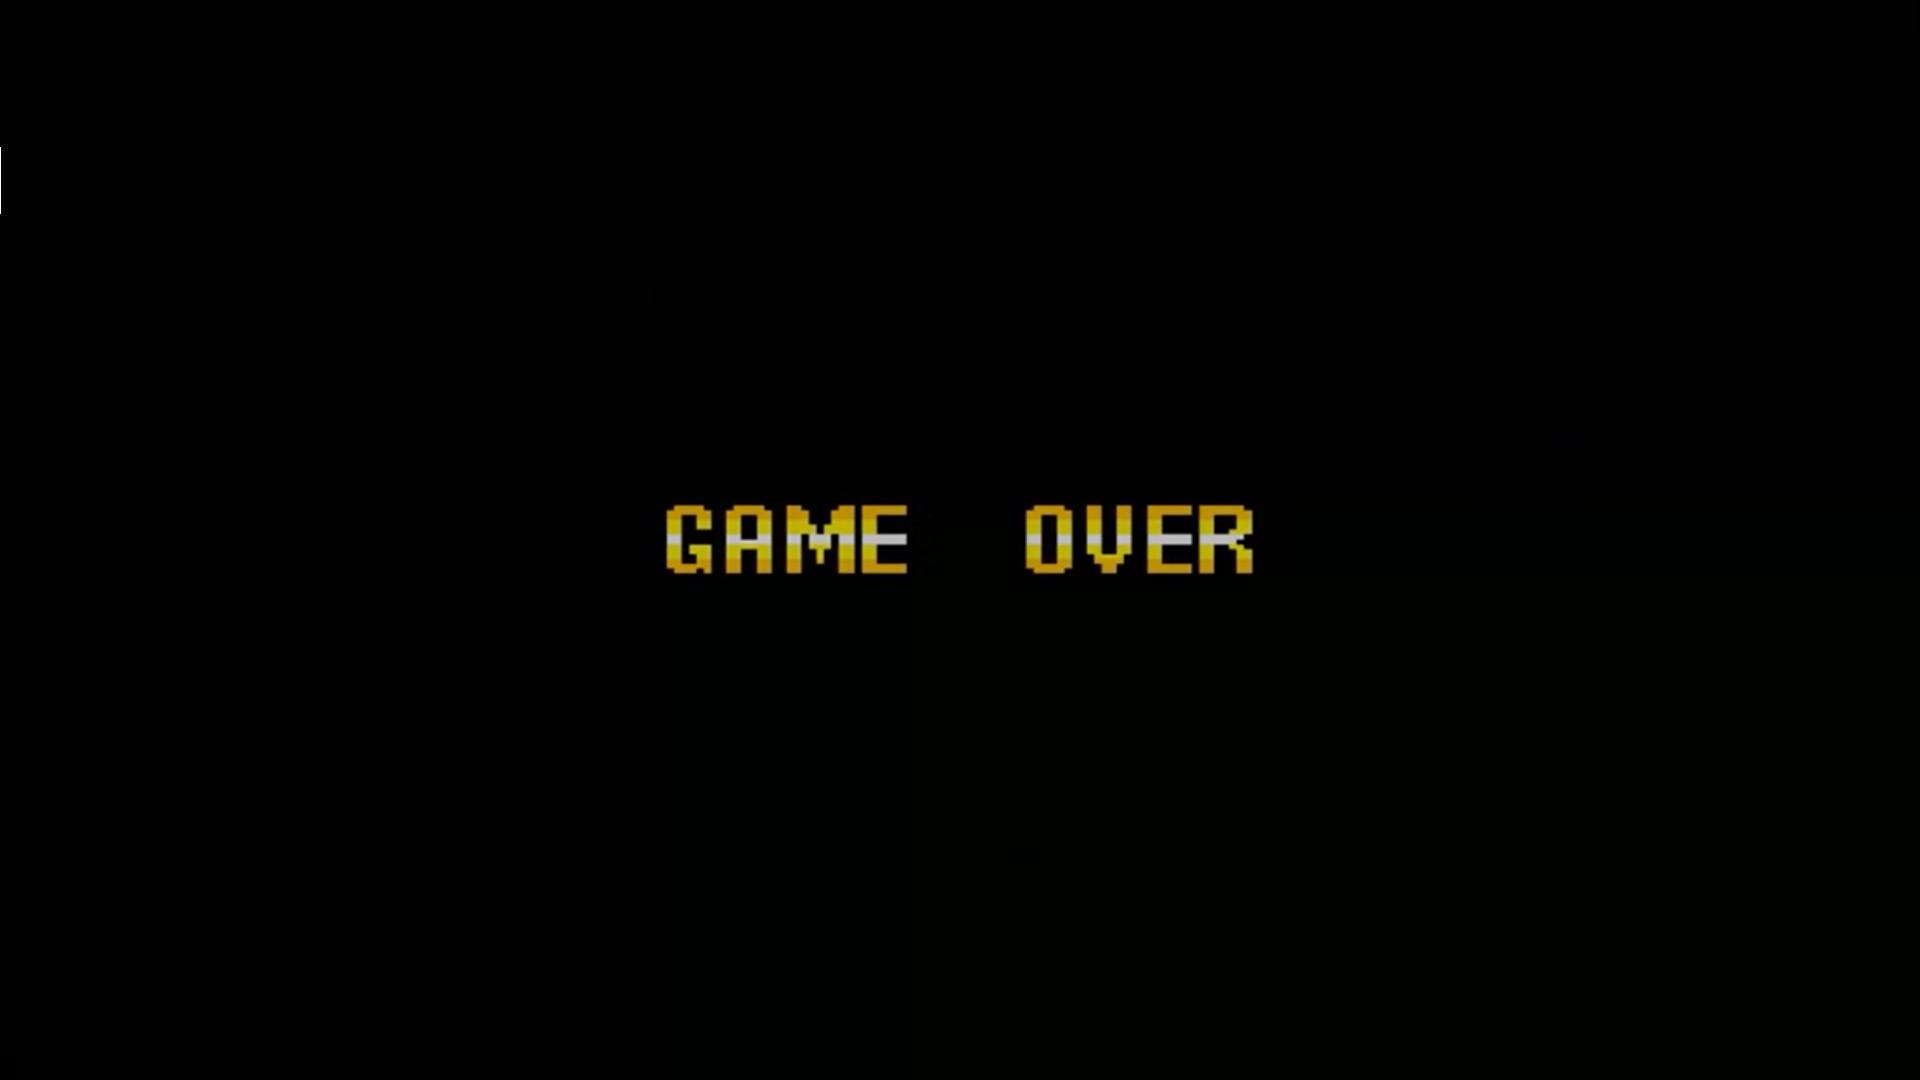 Game Over de Super Mario World com tela preta com a expressão Game Over em amarelo no meio